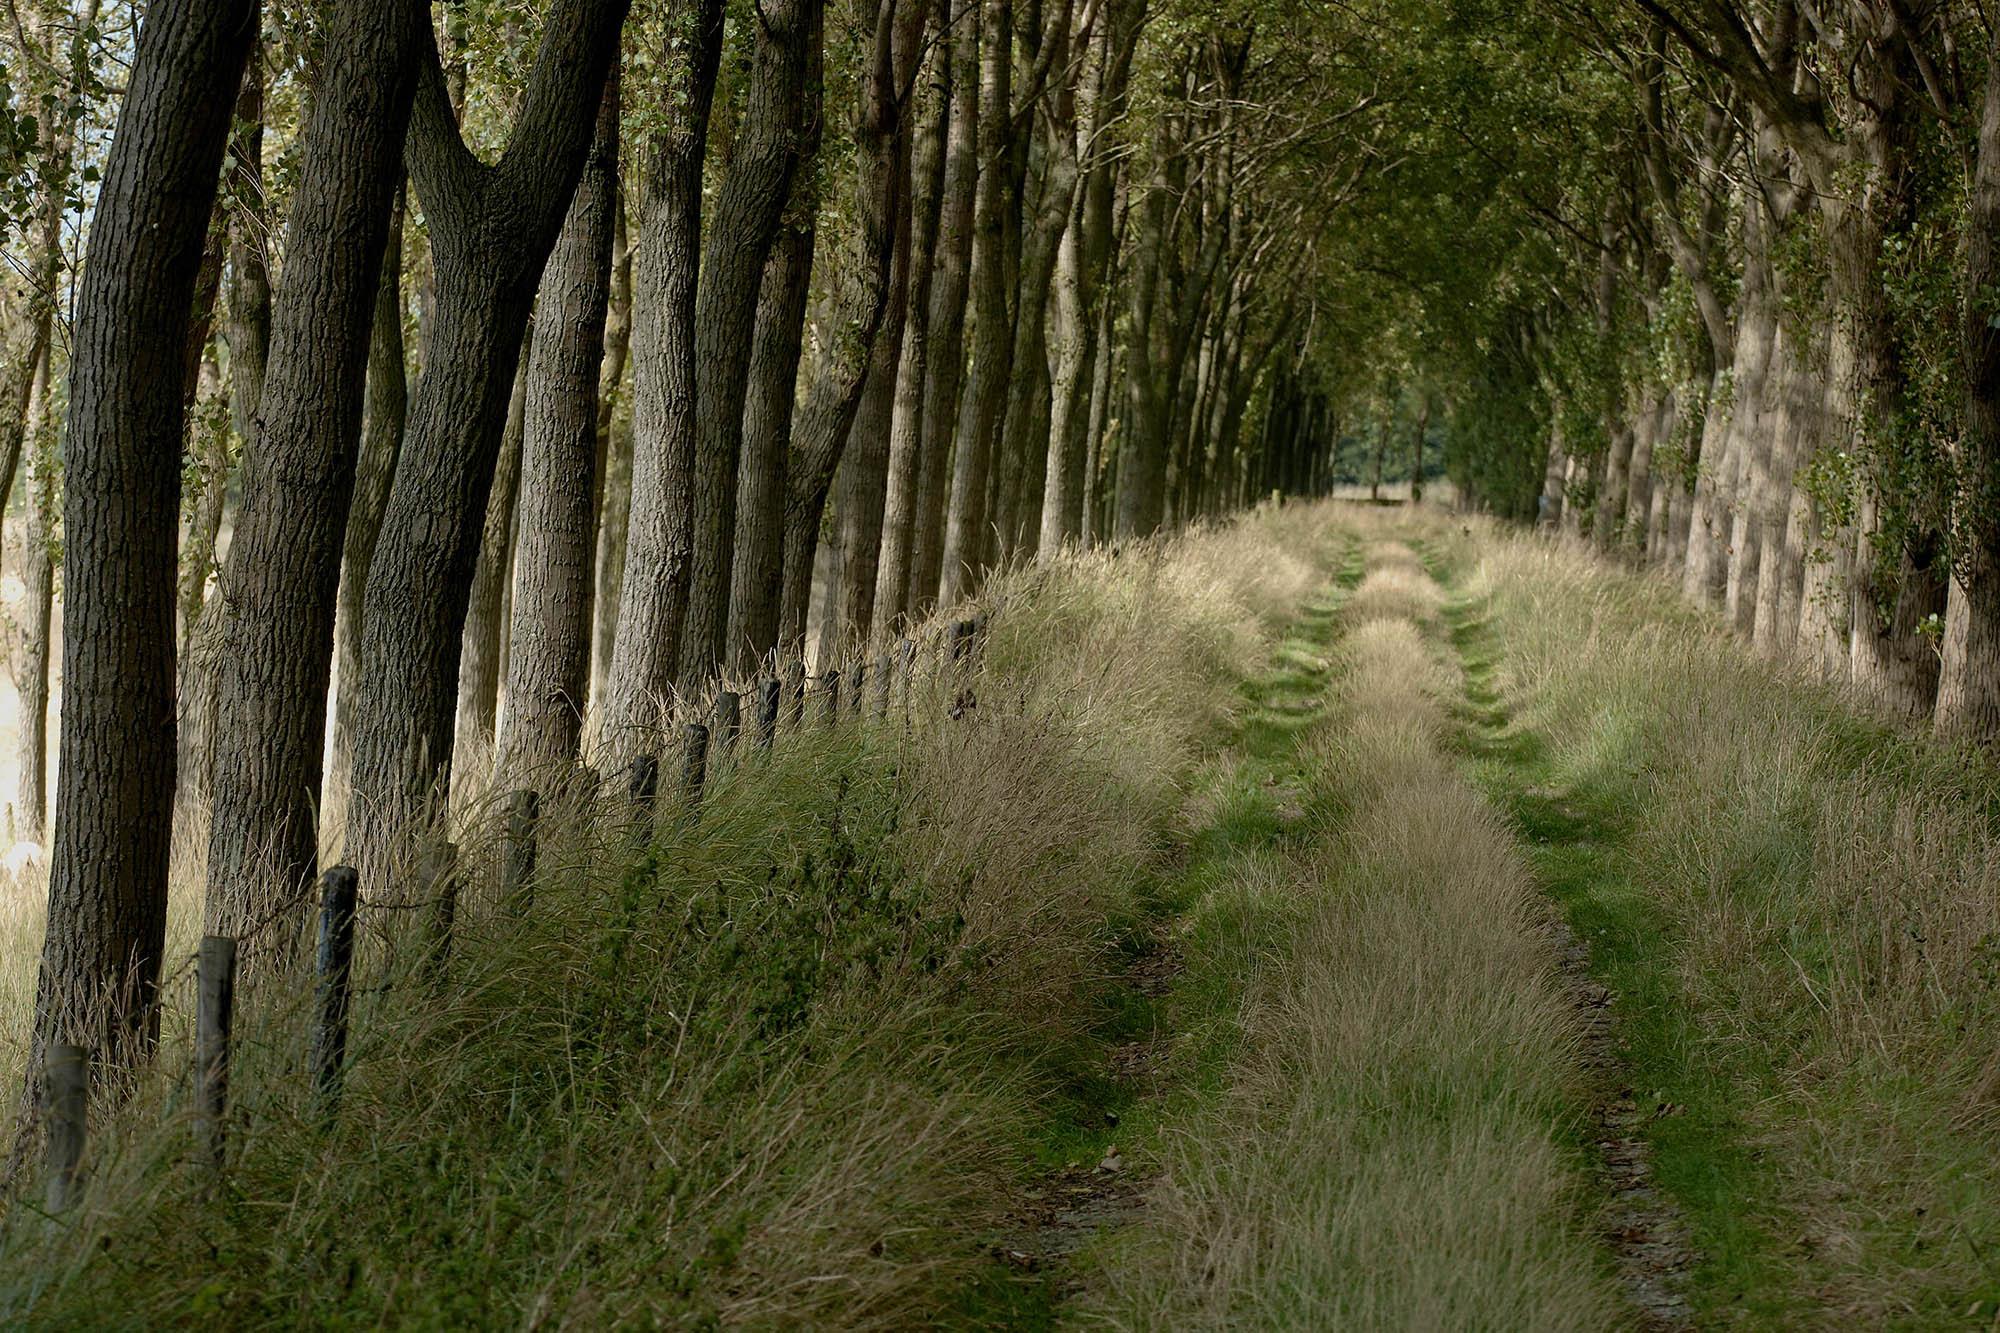 Gras en riet, pad in bos door Ben Seelt